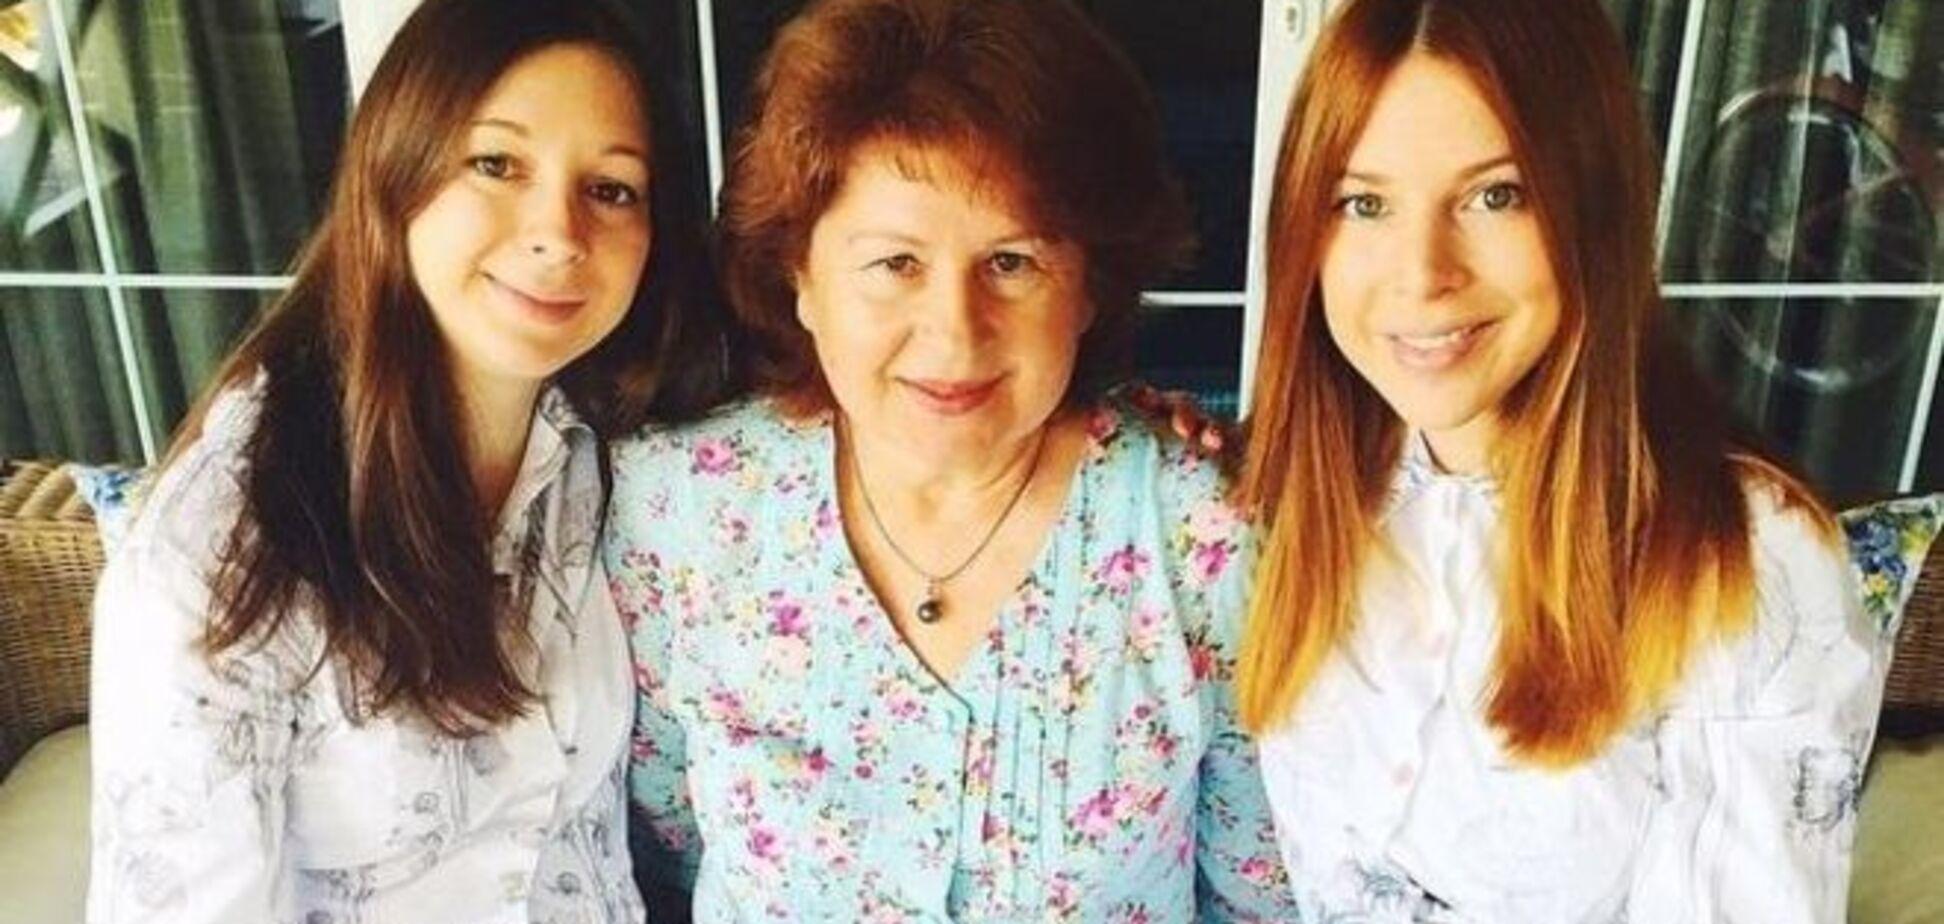 Наталья Подольская готовится к рождению троих детей: ее сестра-близнец тоже беременна